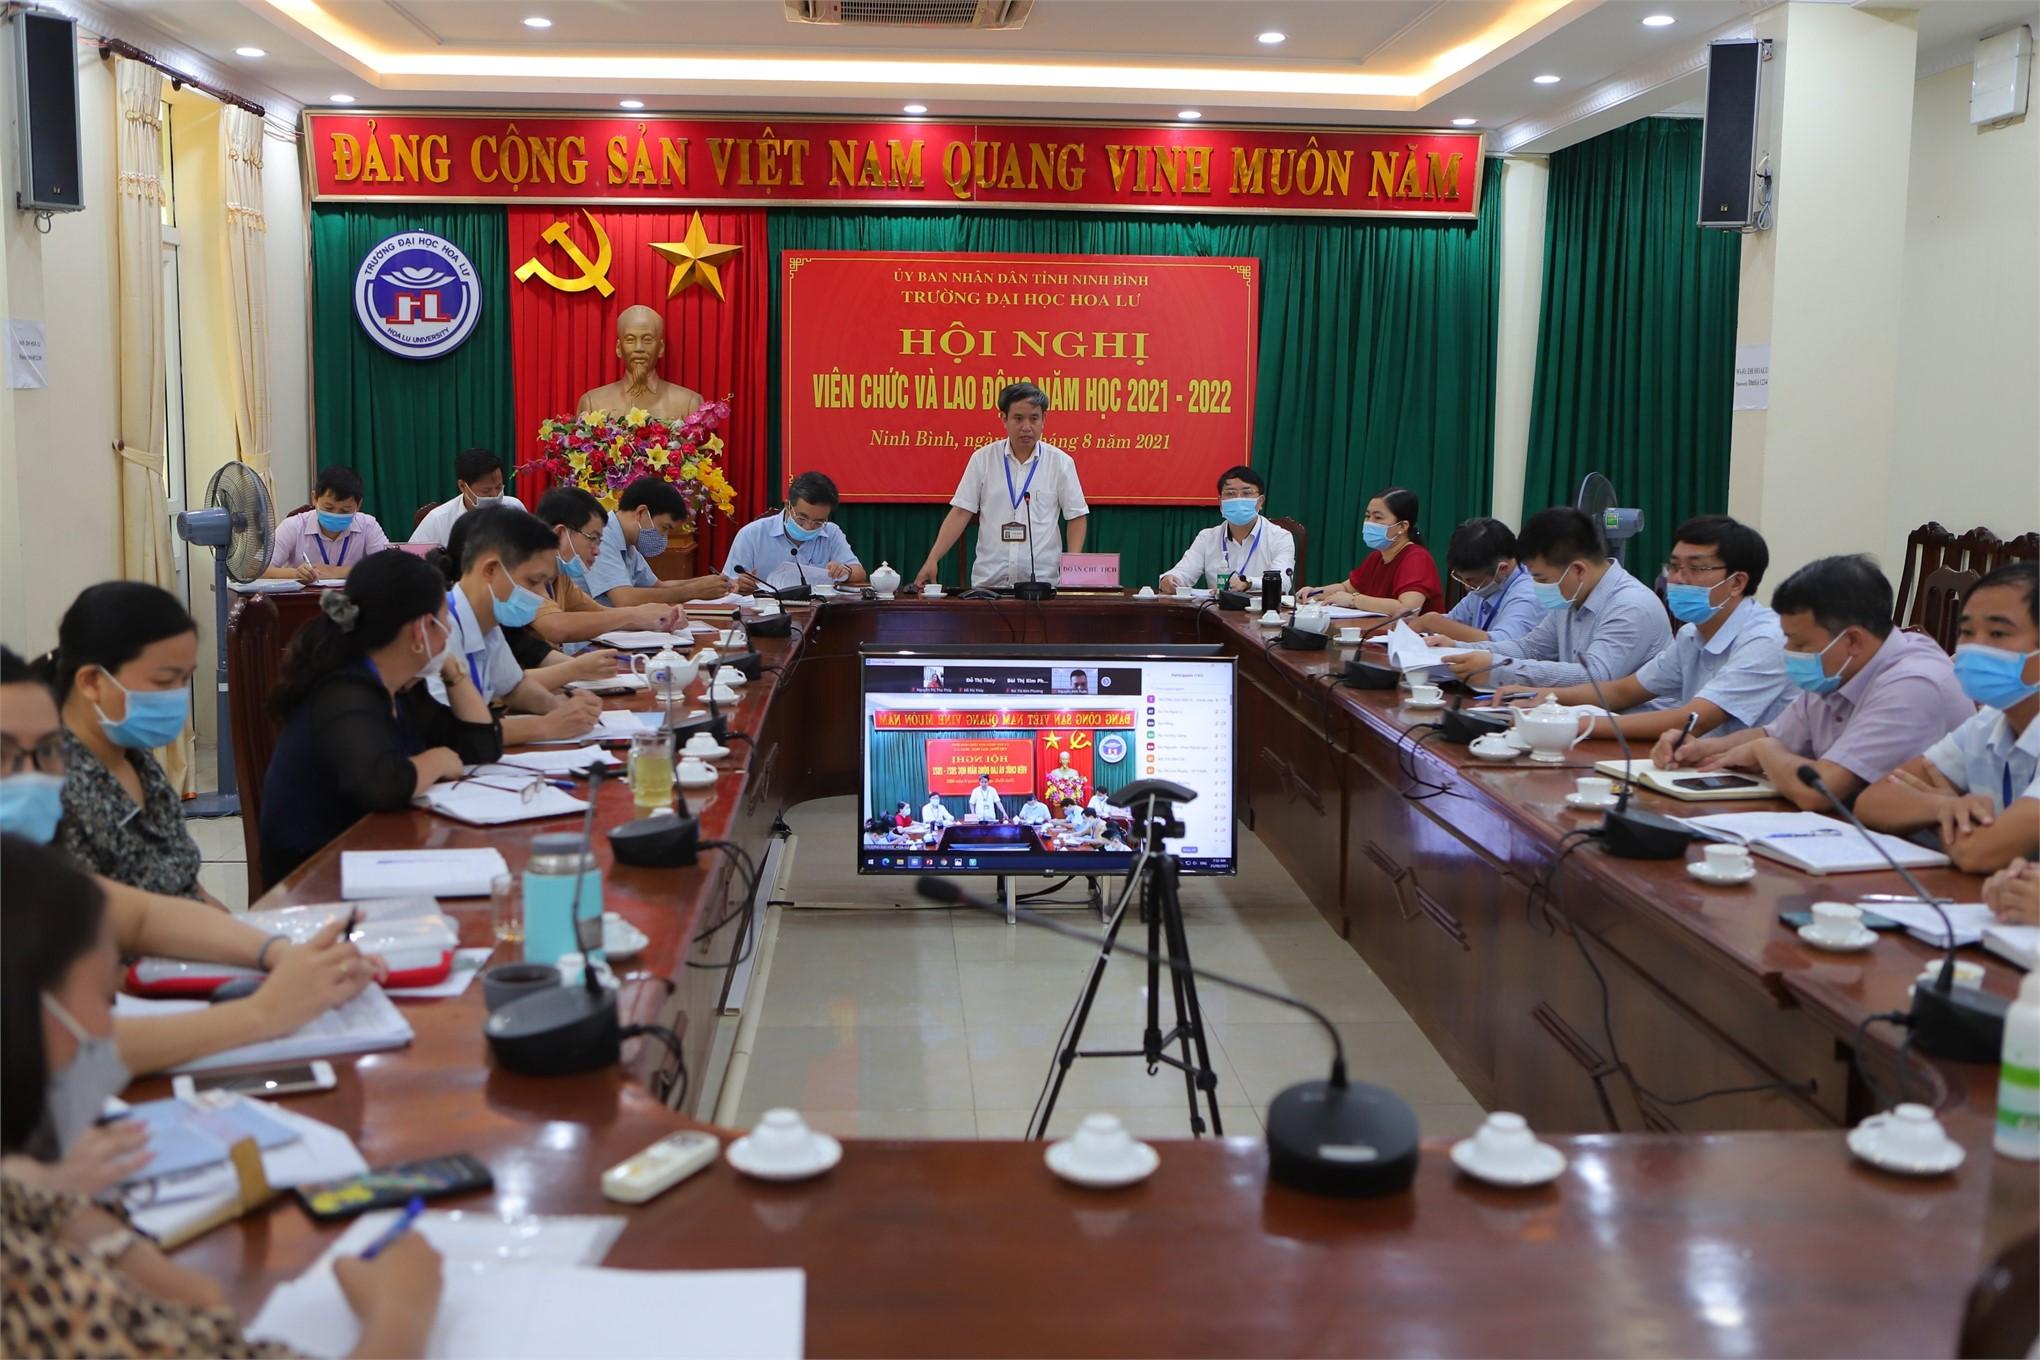 Hội nghị viên chức và người lao động năm học 2021 – 2022